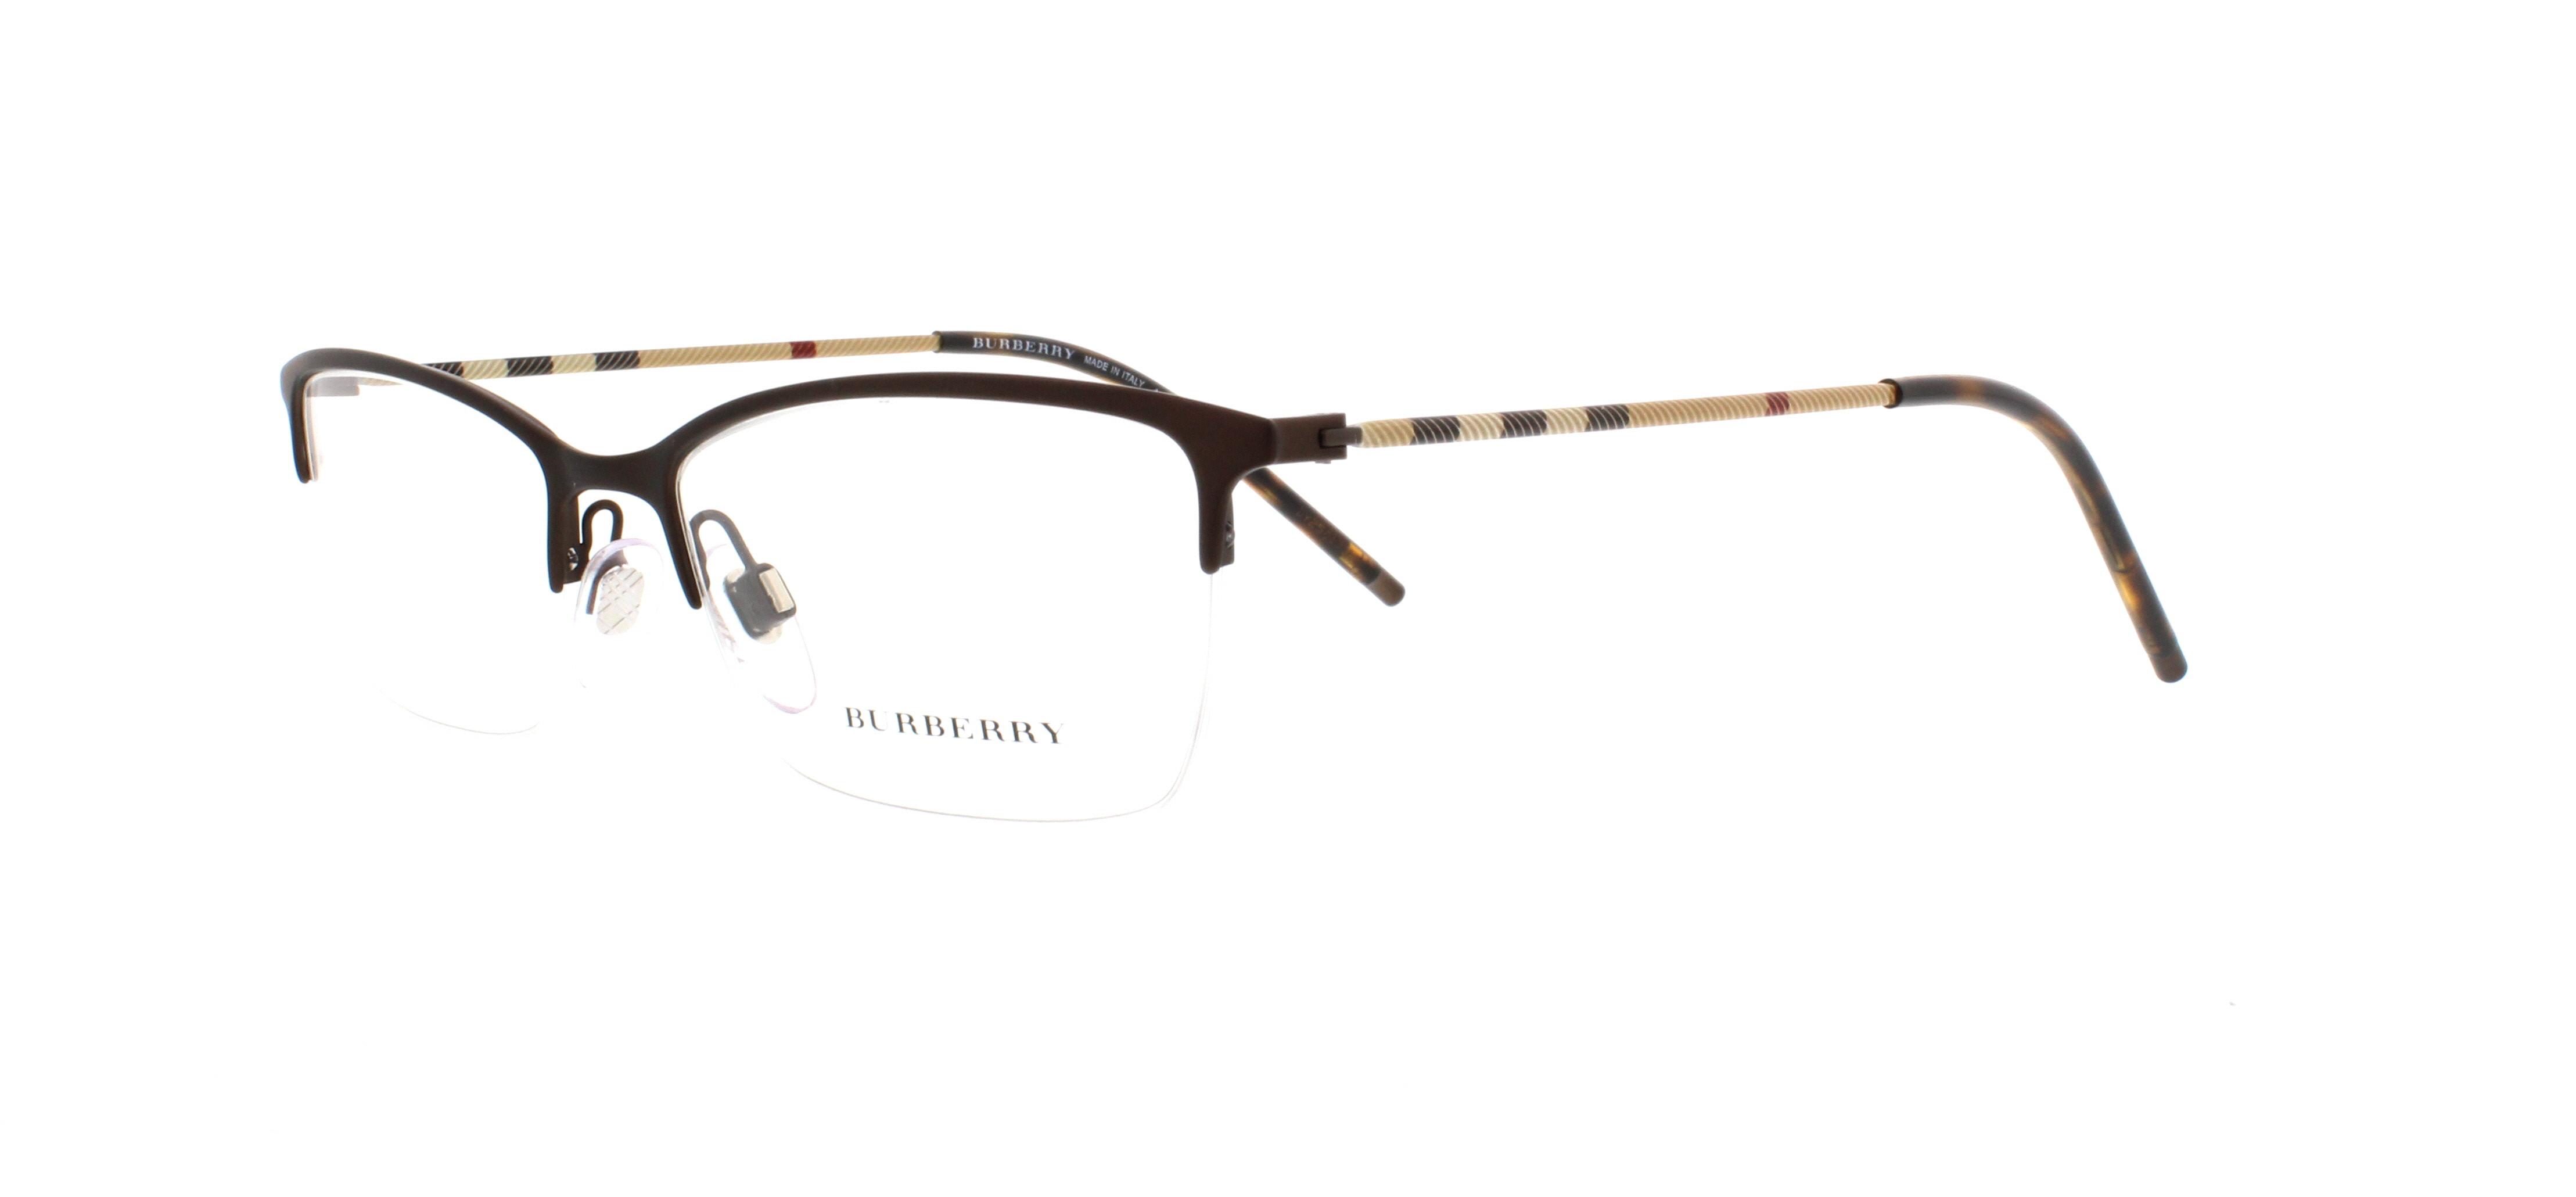 3529f899a444 Designer Frames Outlet. Burberry BE1278